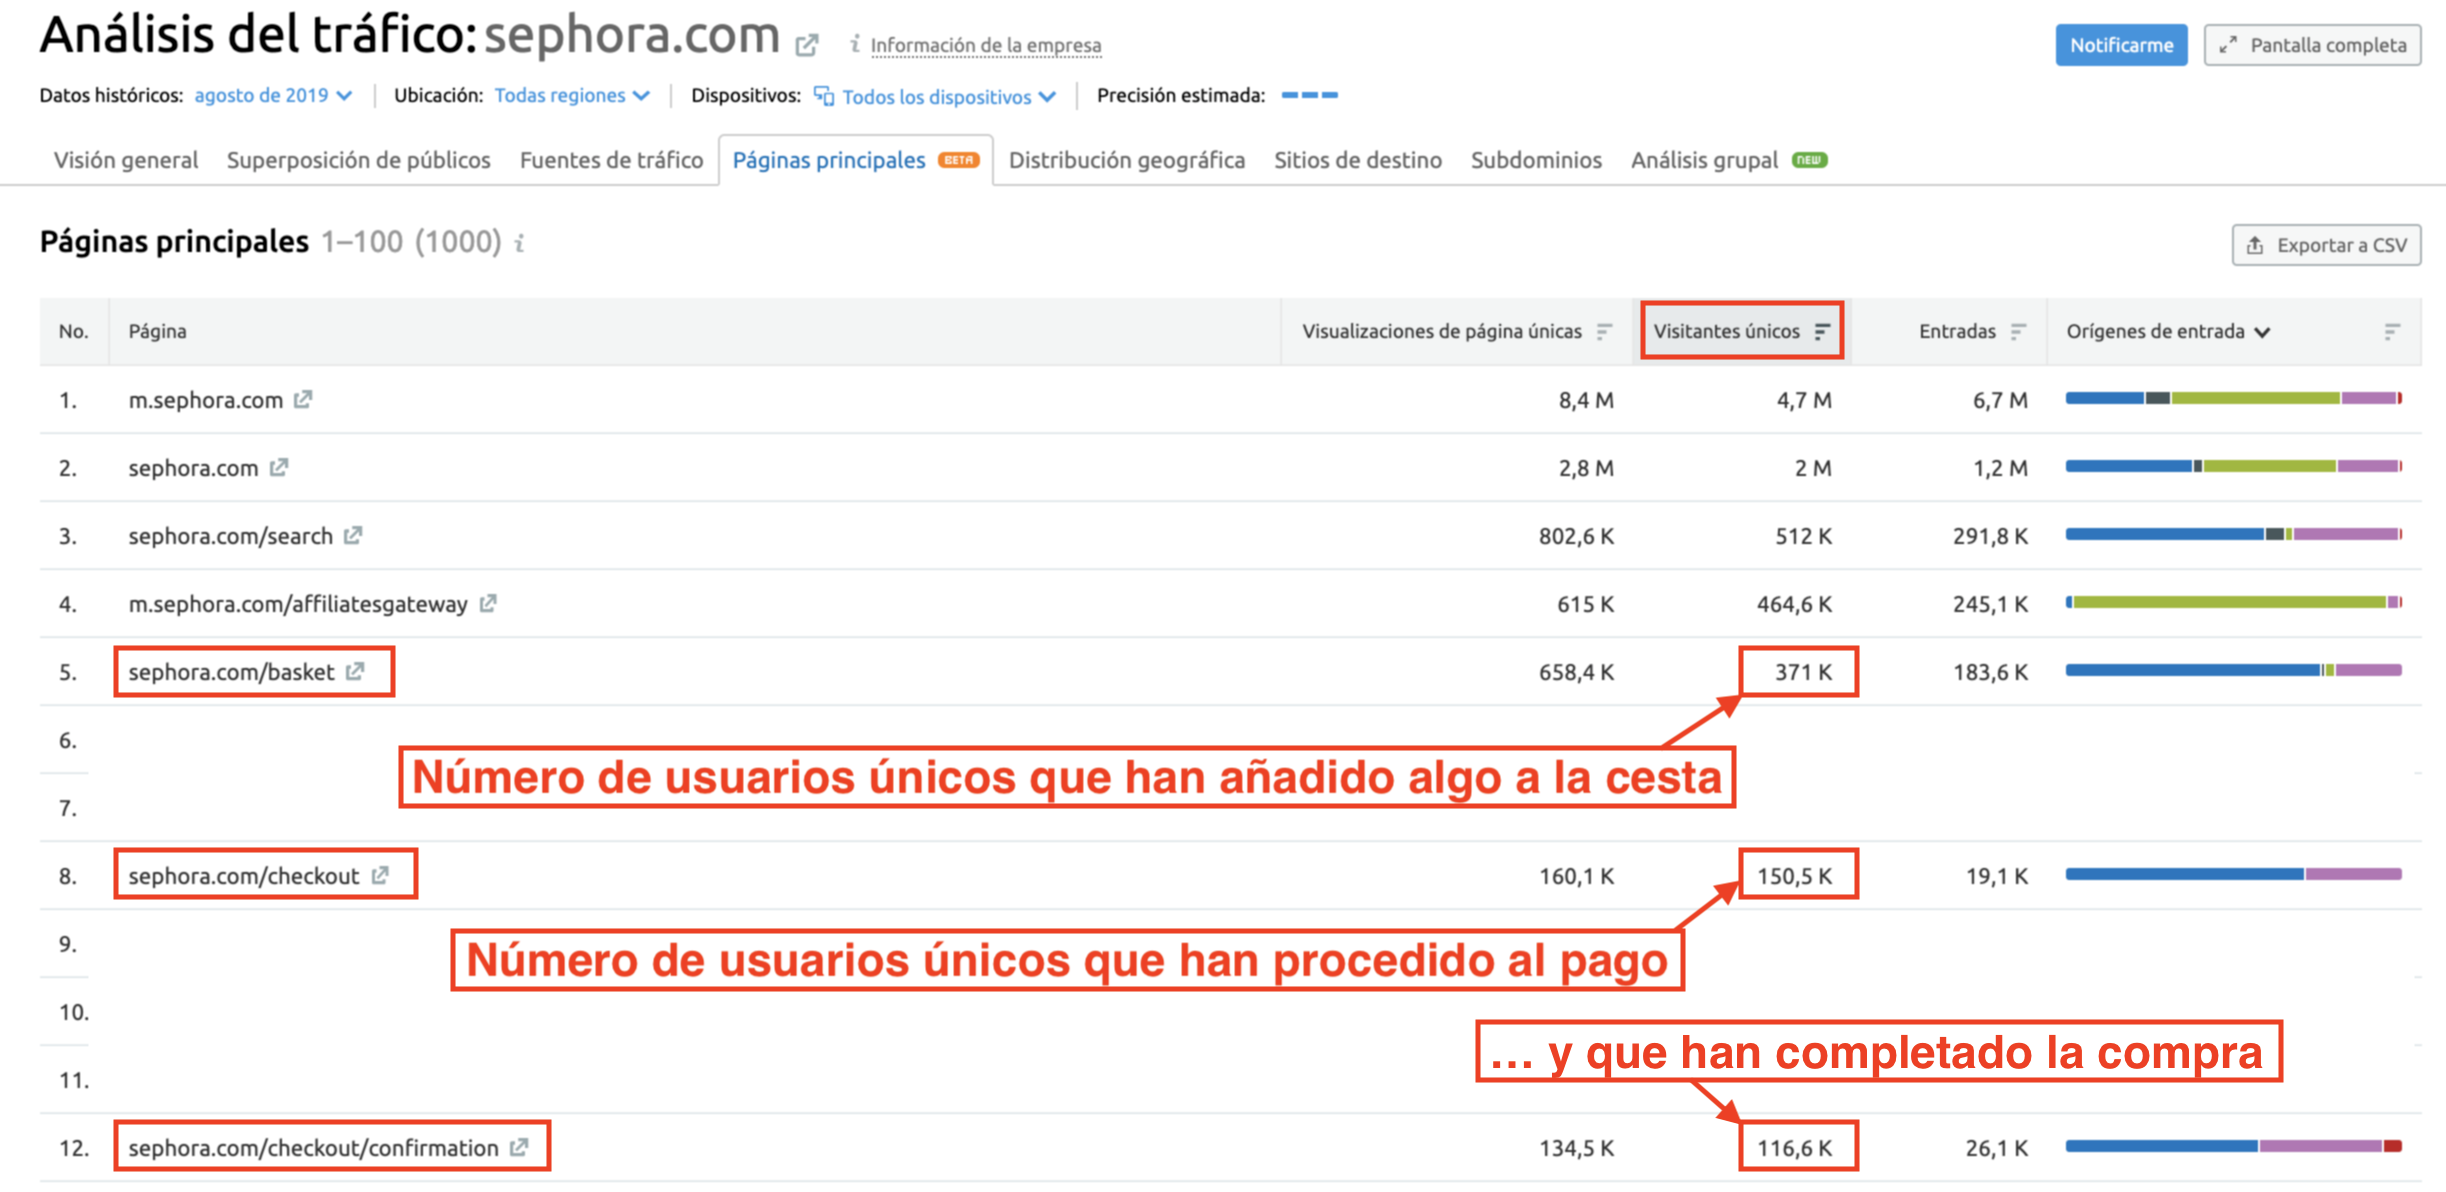 paginas de competidores traffic analytics usuarios unicos